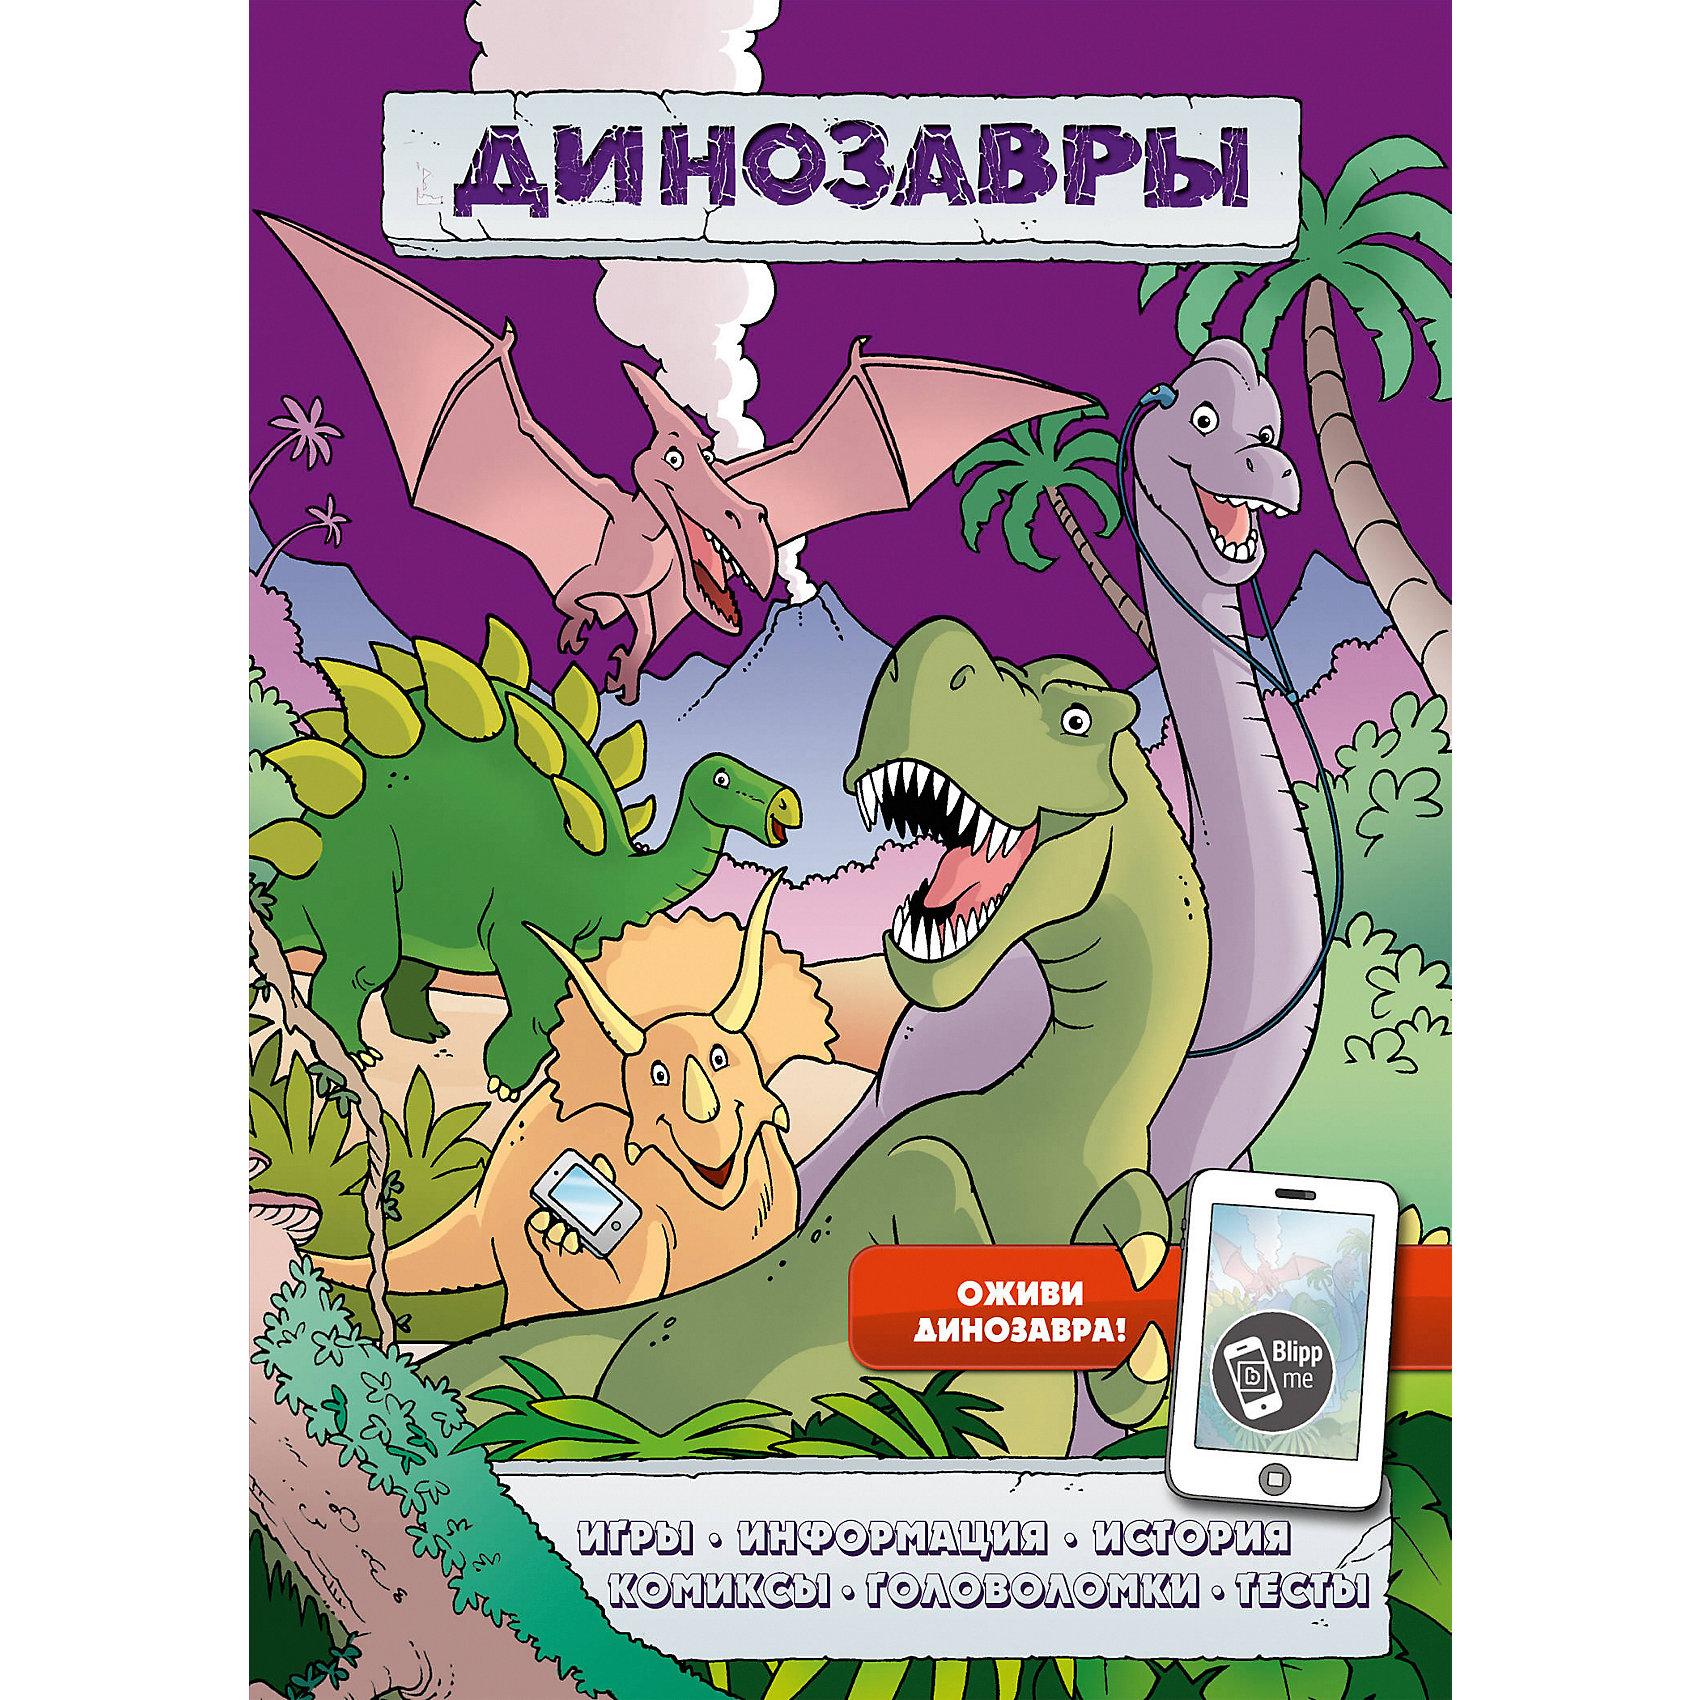 Игры, комиксы + дополненная реальность ДинозаврыКомиксы для детей<br>На страницах этой книги тебя ожидает много всего интересного - и всё это связано с динозаврами! Игры, комиксы, головоломки, множество удивительных фактов, шутки, тесты и невероятно смешная история о приключениях команды Супер-дино!<br>А чтобы знакомство с динозаврами было еще веселее, загрузи на смартфон или планшет бесплатное приложение Blippar, просканируй камерой обложку книги - и вот ты уже рядом с доисторическими гигантами! Кроме того, ты сможешь загрузить, распечатать и раскрасить потрясающие картинки. А самое главное - дополненная реальность позволит тебе сделать УНИКАЛЬНОЕ СЕЛФИ С ТИРАННОЗАВРОМ и поделиться им с друзьями в сети!<br><br>Ширина мм: 300<br>Глубина мм: 210<br>Высота мм: 30<br>Вес г: 161<br>Возраст от месяцев: 84<br>Возраст до месяцев: 120<br>Пол: Унисекс<br>Возраст: Детский<br>SKU: 6878192